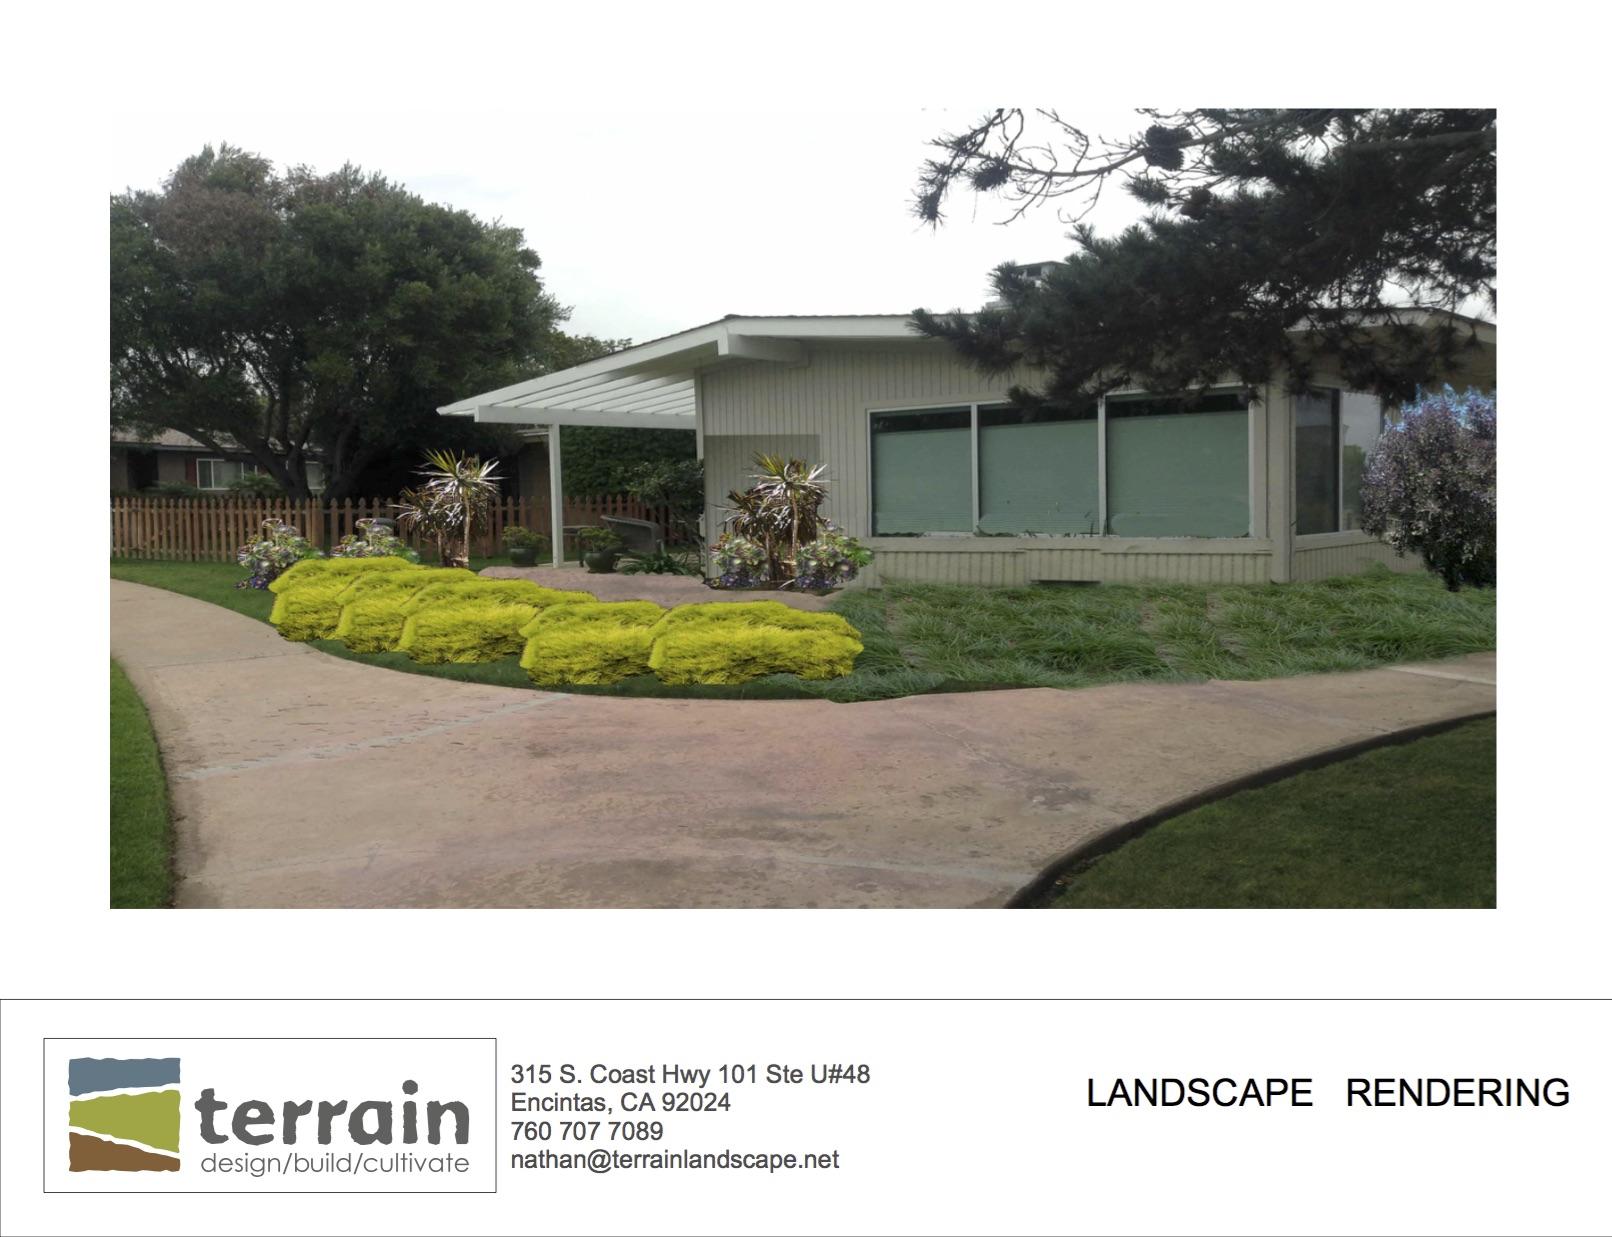 Terrain landscape services for Terrain landscape architecture